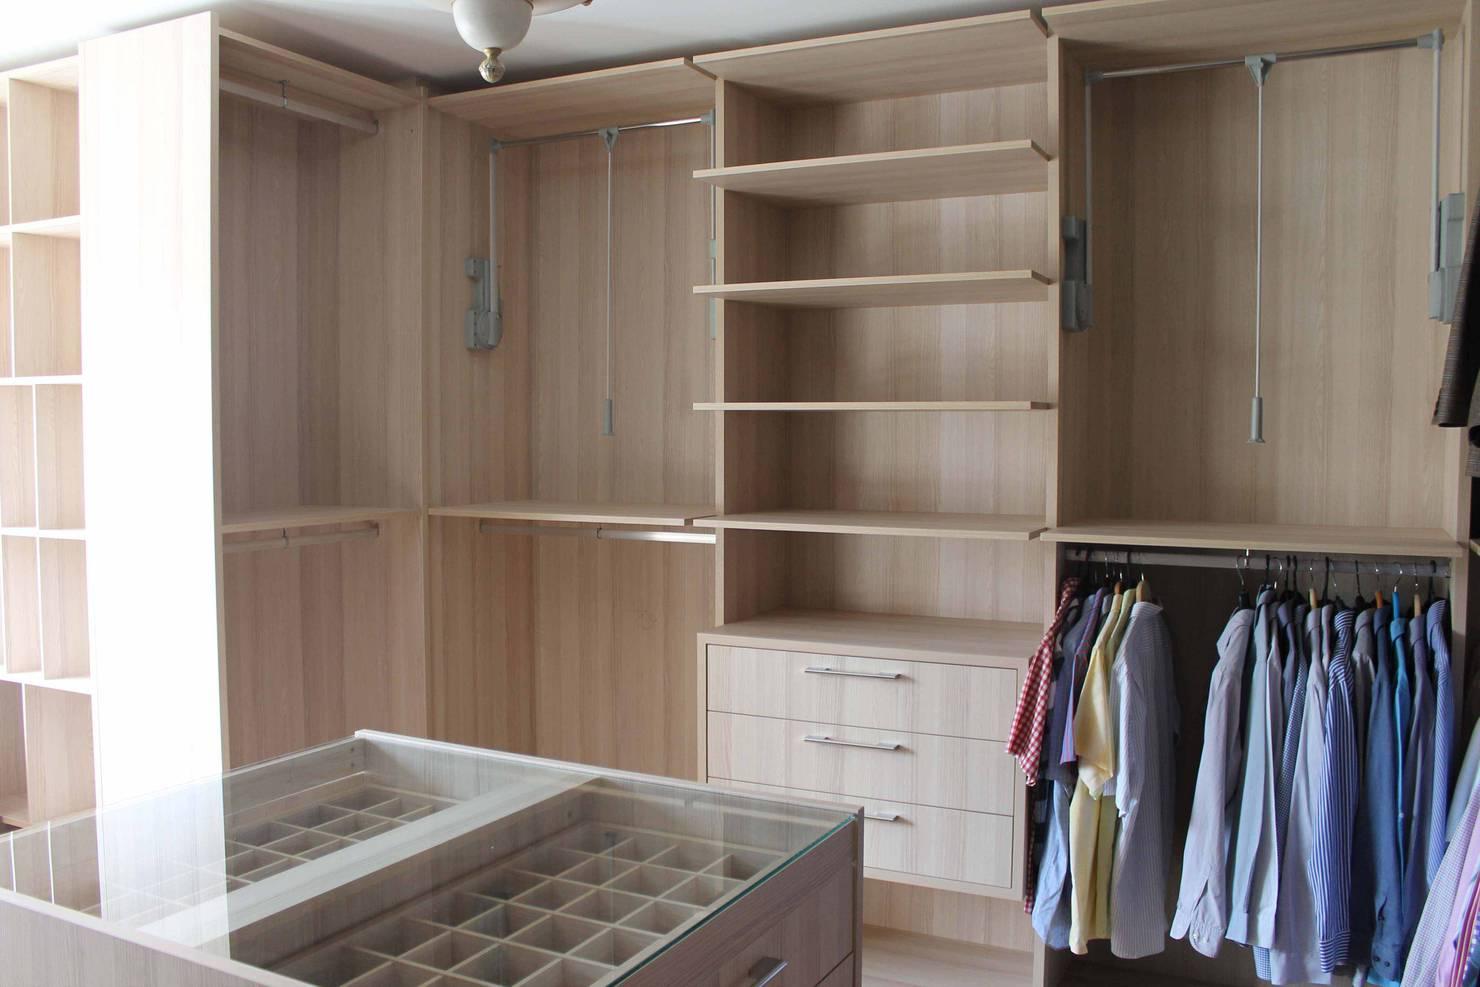 Türkiye'den herkese ilham verecek 10 modern giyinme odası